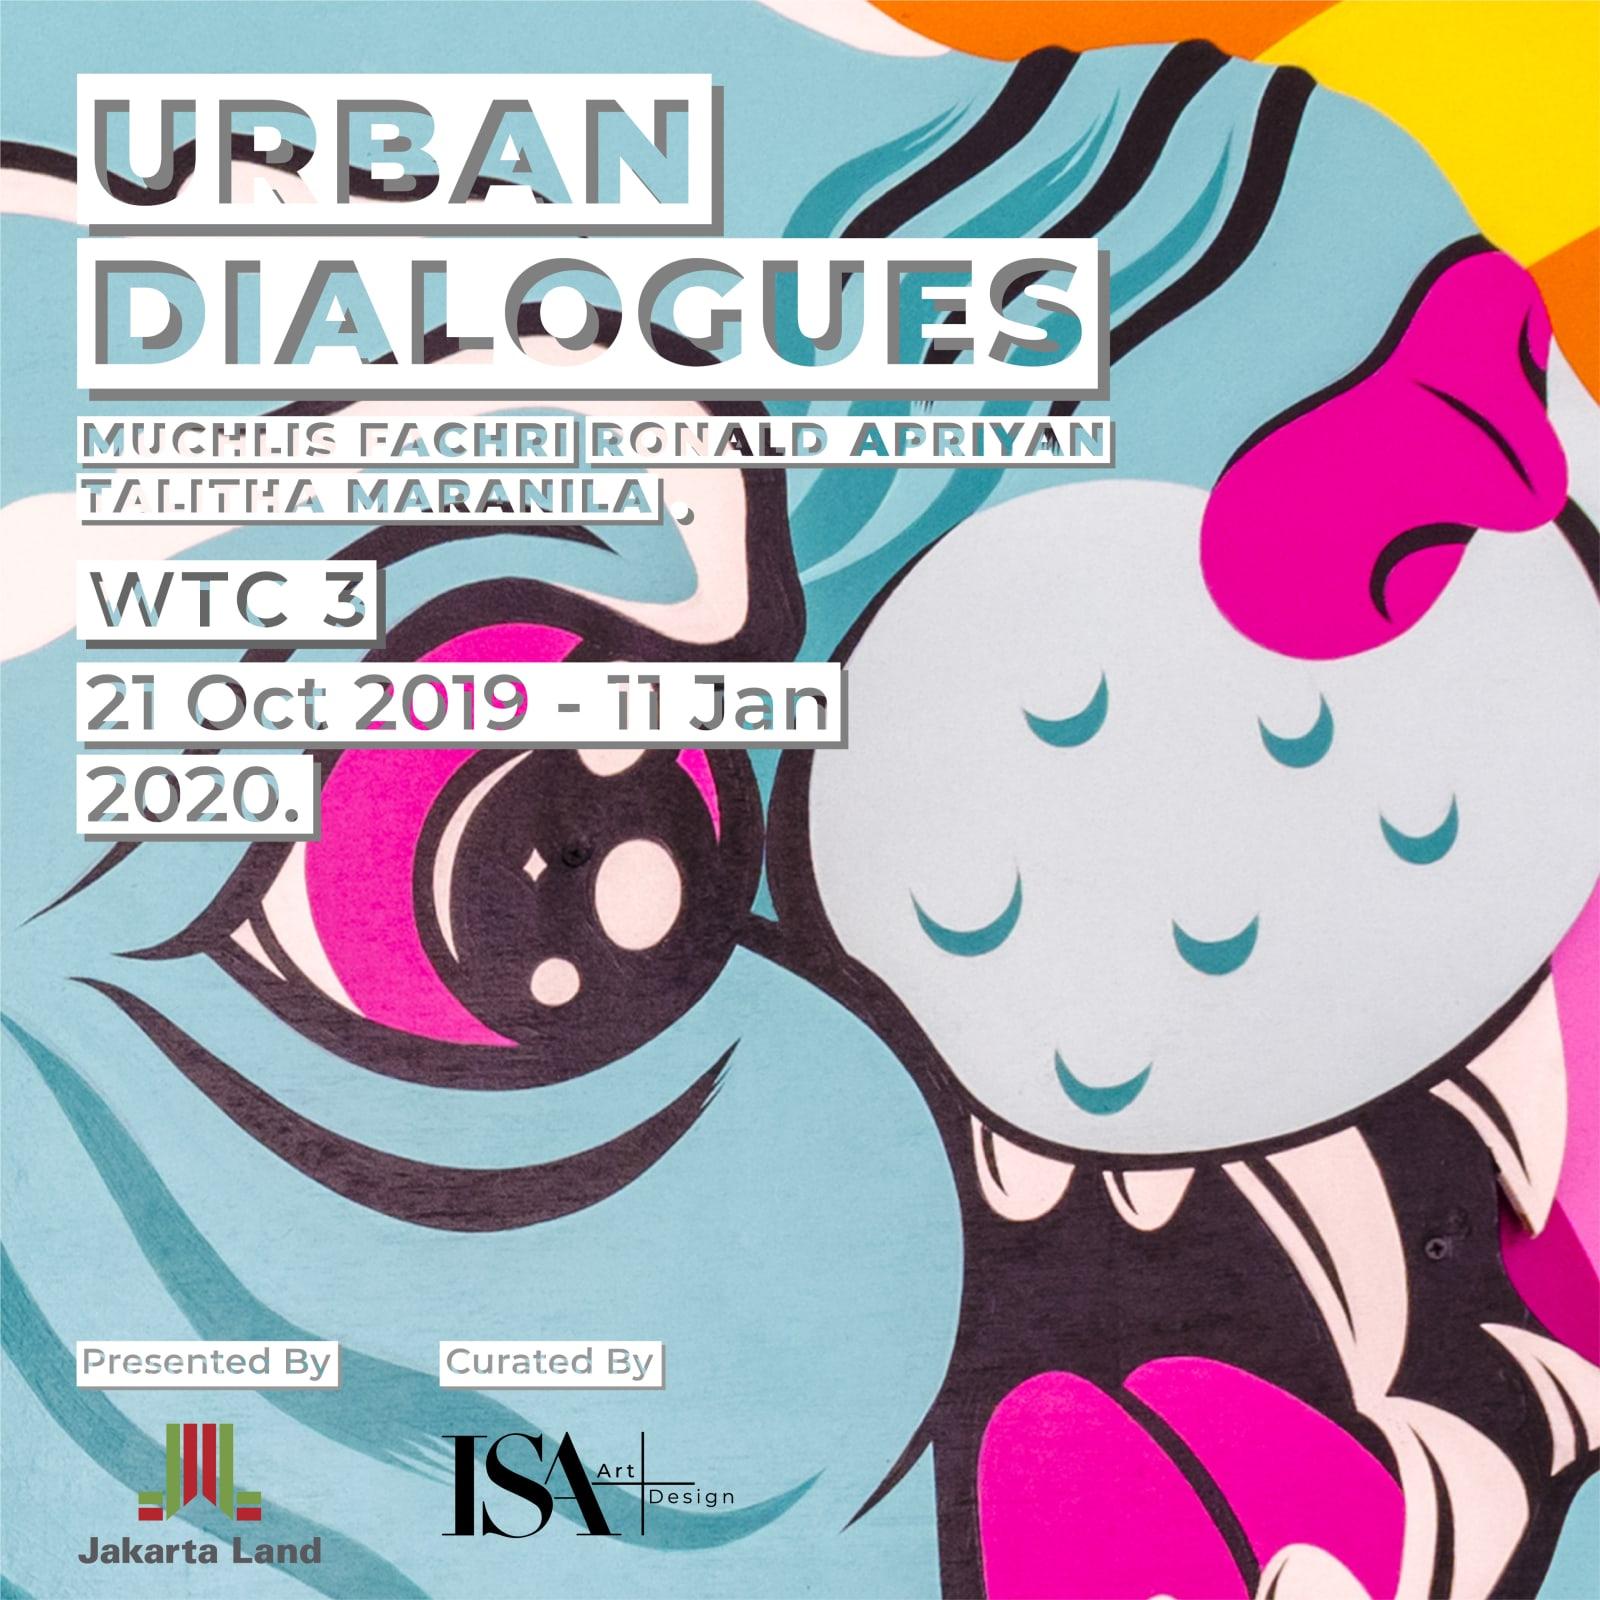 Urban Dialogues